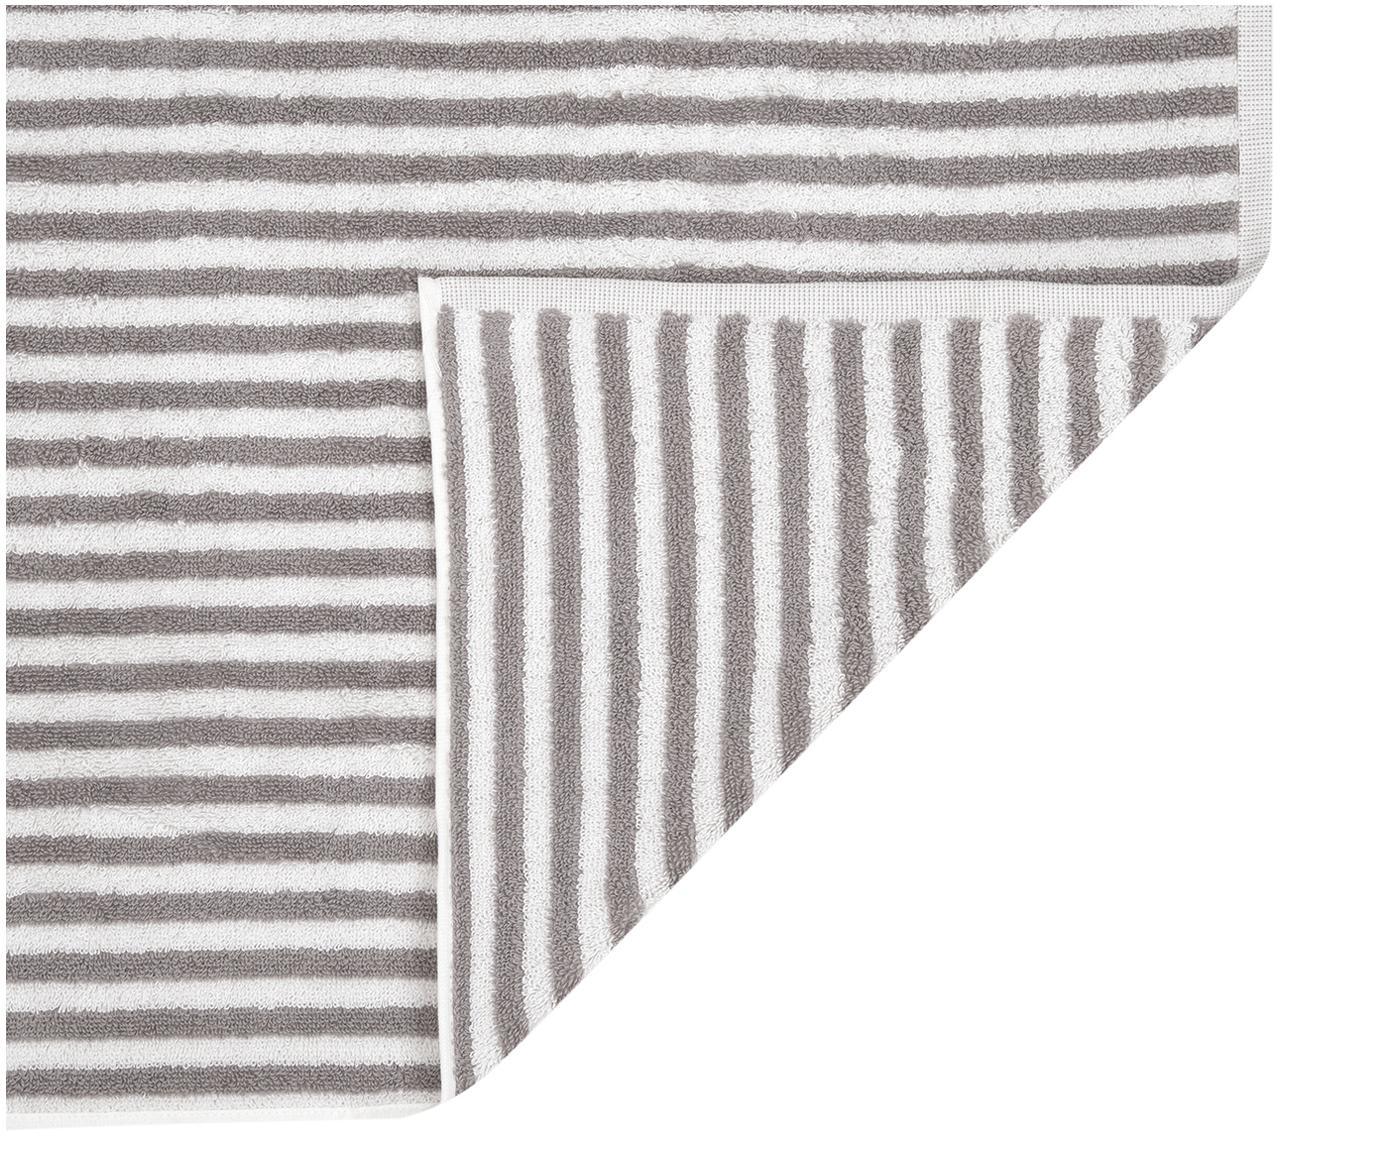 Asciugamano a righe Viola, Grigio, bianco crema, Asciugamano